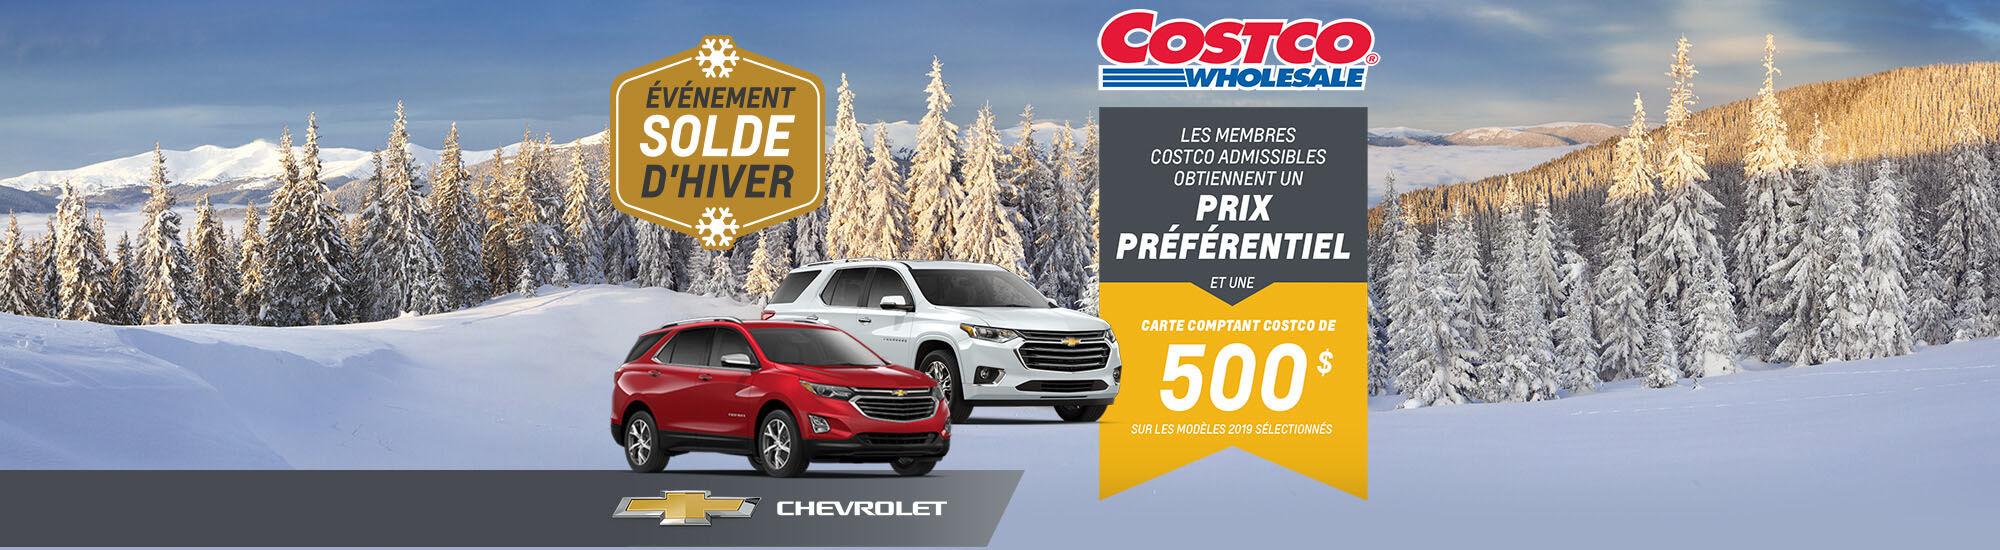 Chevrolet offre Costco